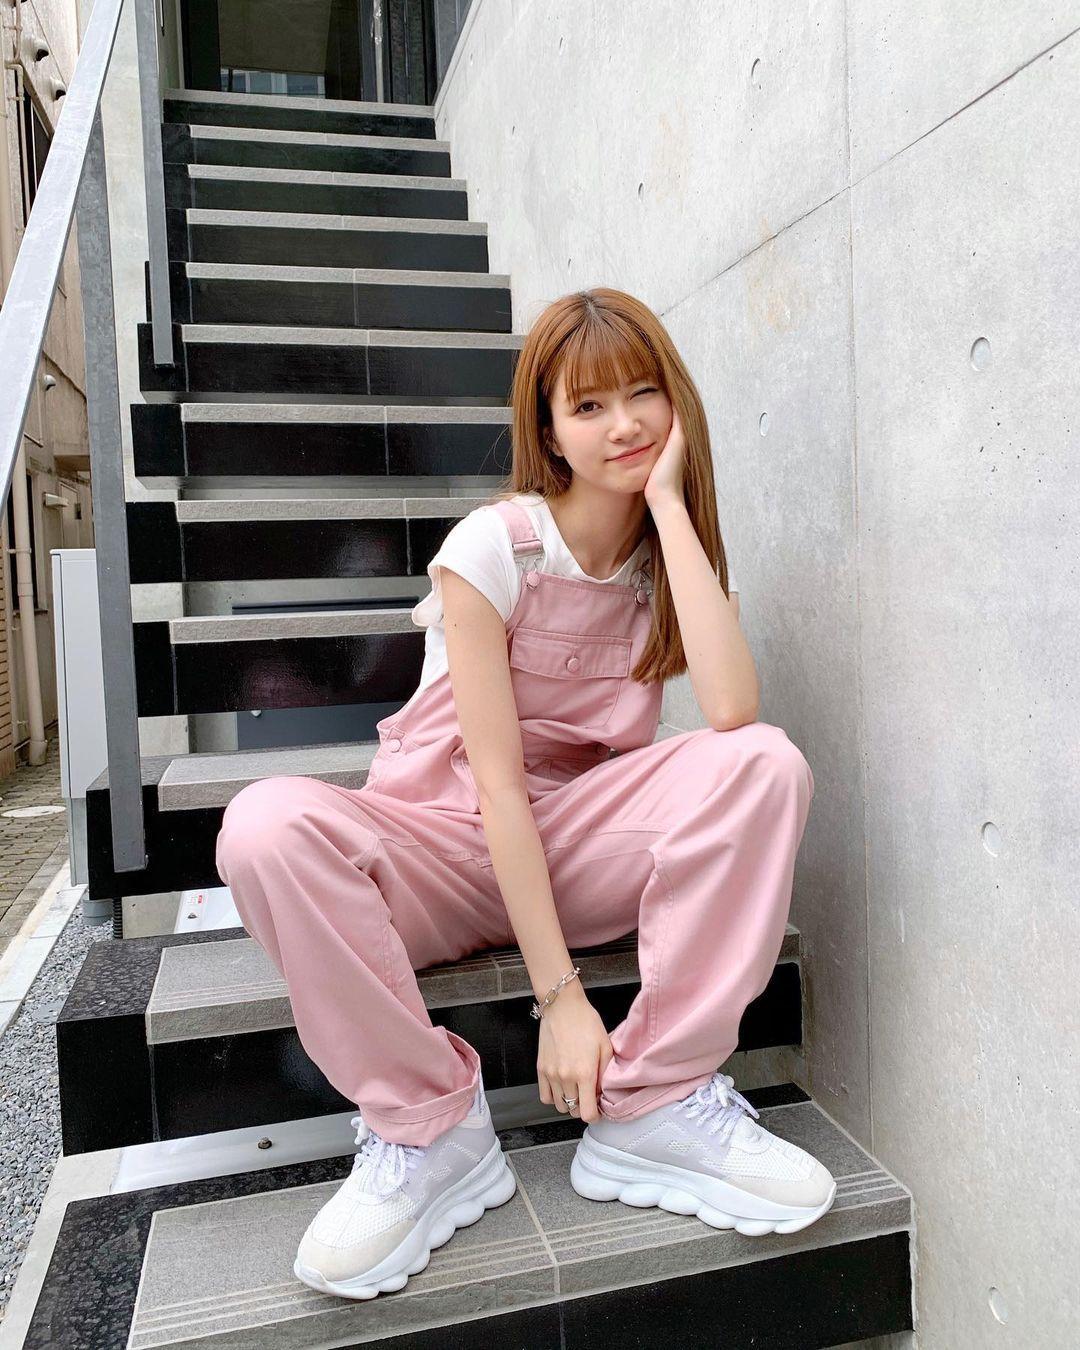 名古屋最可爱中学生生见爱瑠神级颜值美到让人窒息 网络美女 第4张